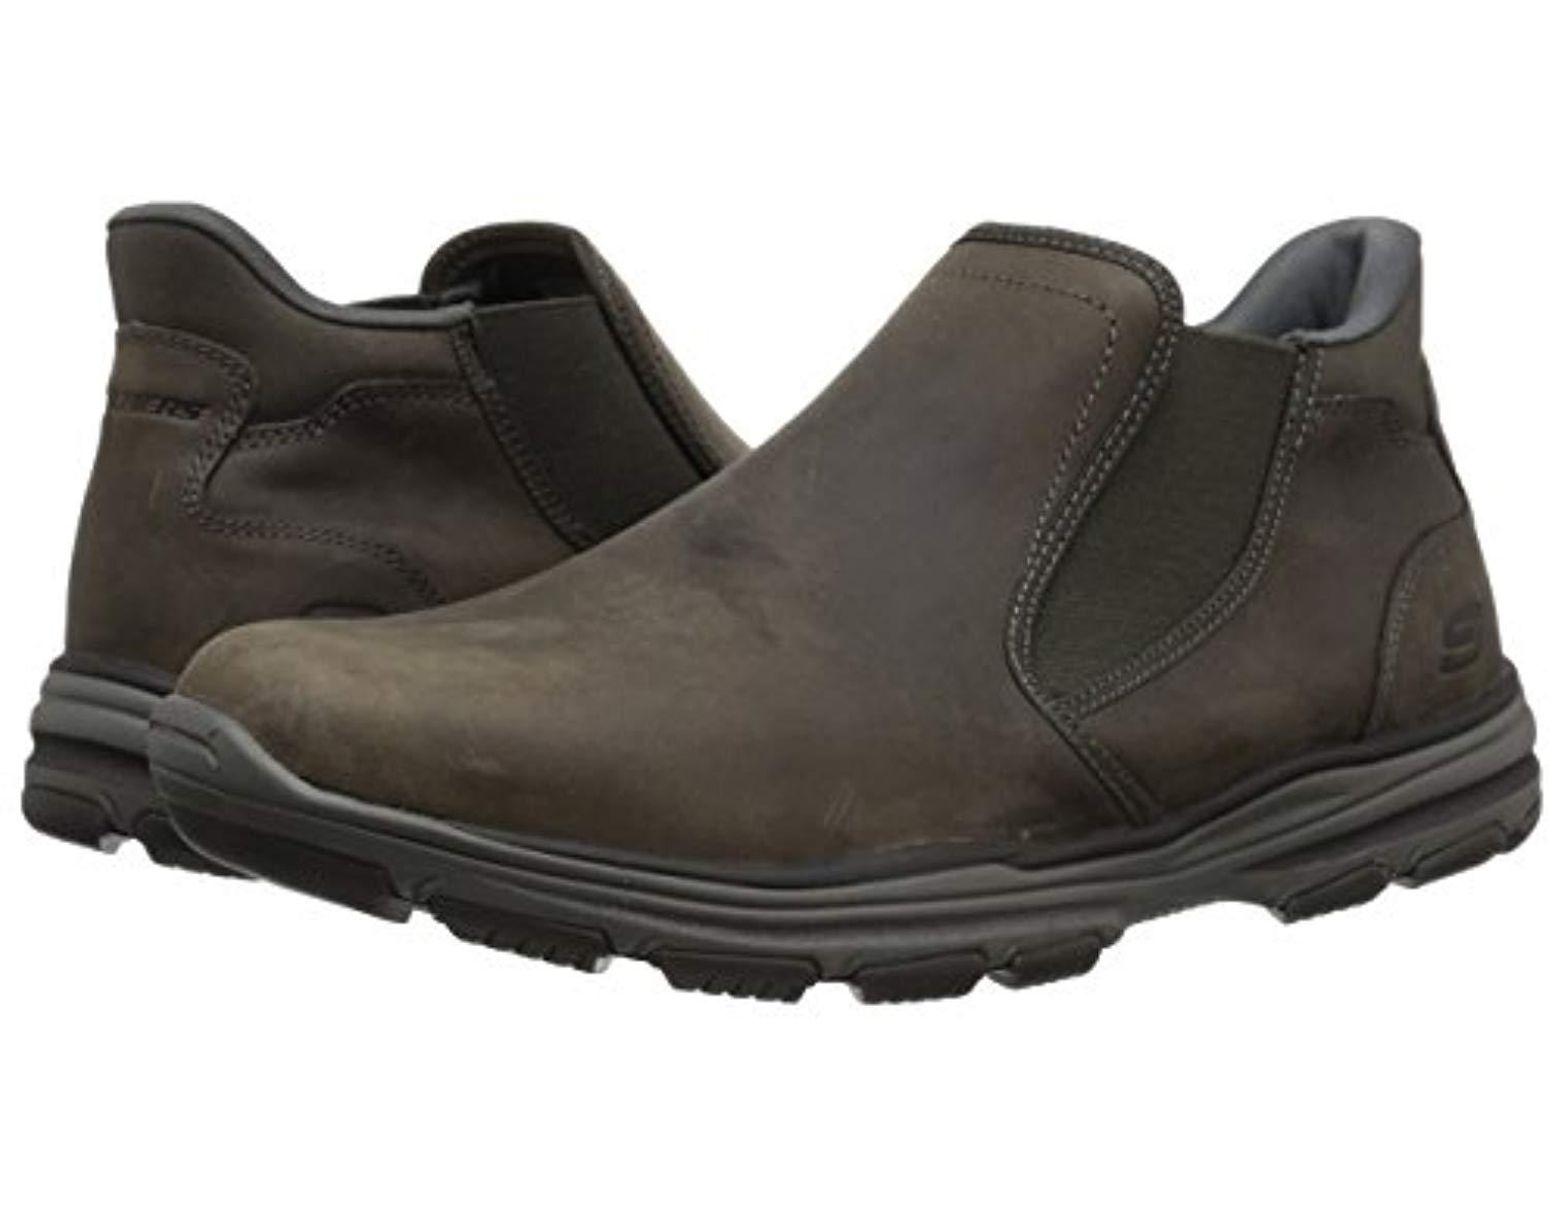 42c5e594f94b5 Skechers Garton-keven Boots in Gray for Men - Lyst